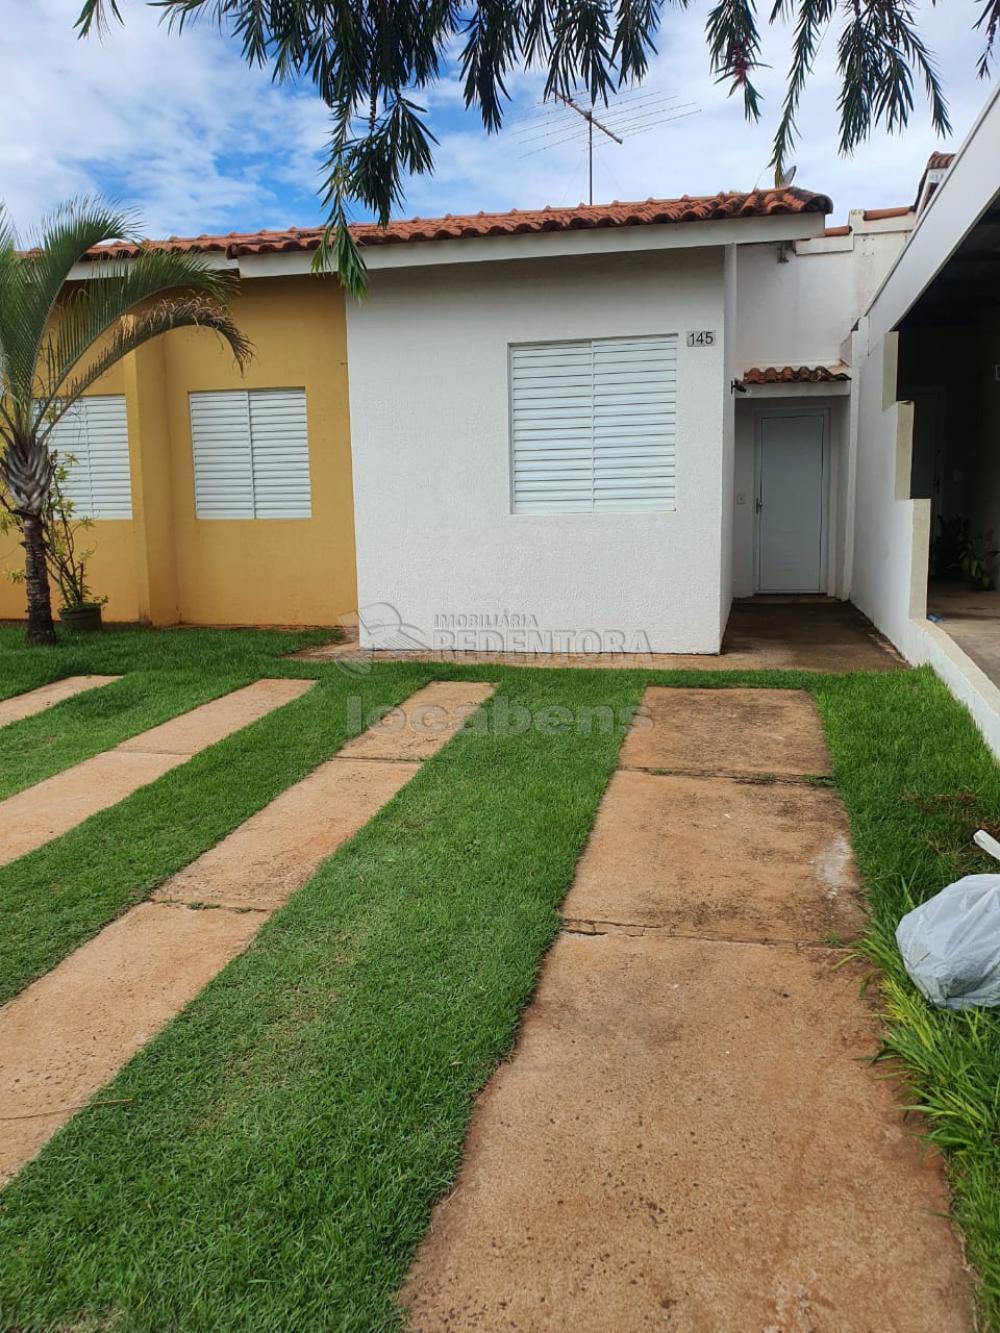 Alugar Casa / Condomínio em São José do Rio Preto R$ 1.100,00 - Foto 1